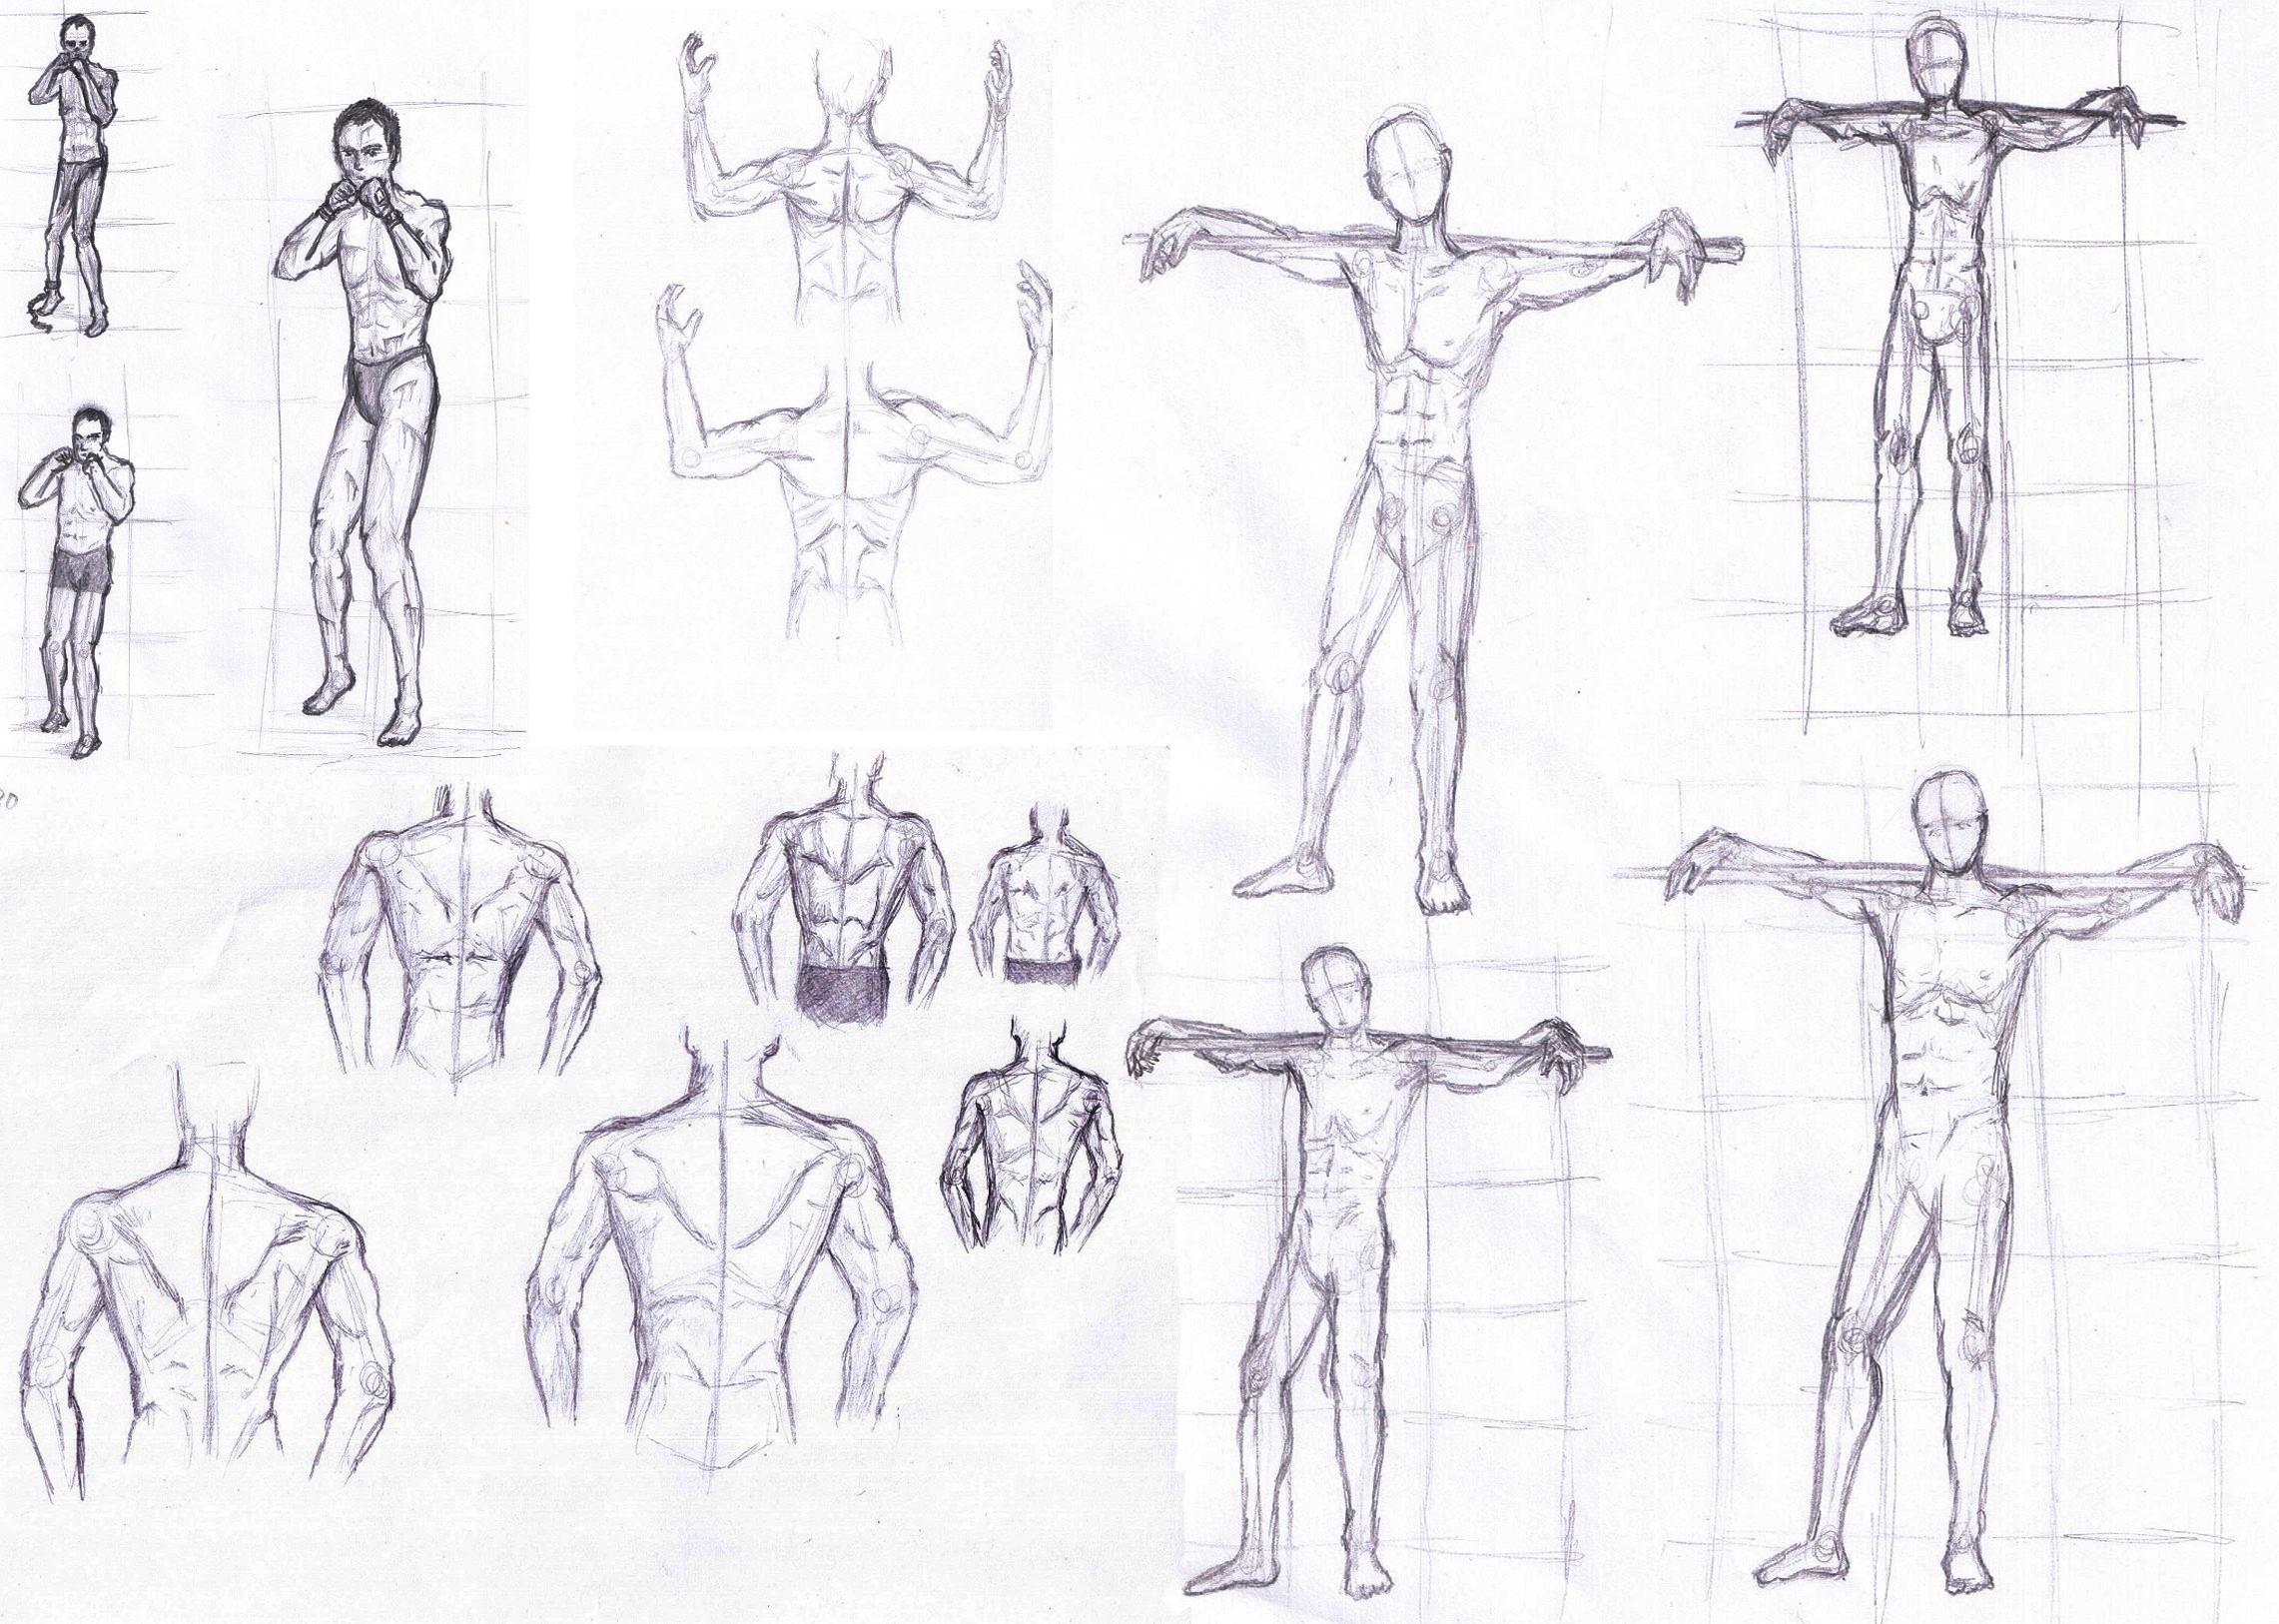 Anatomy Practice Vol. 1